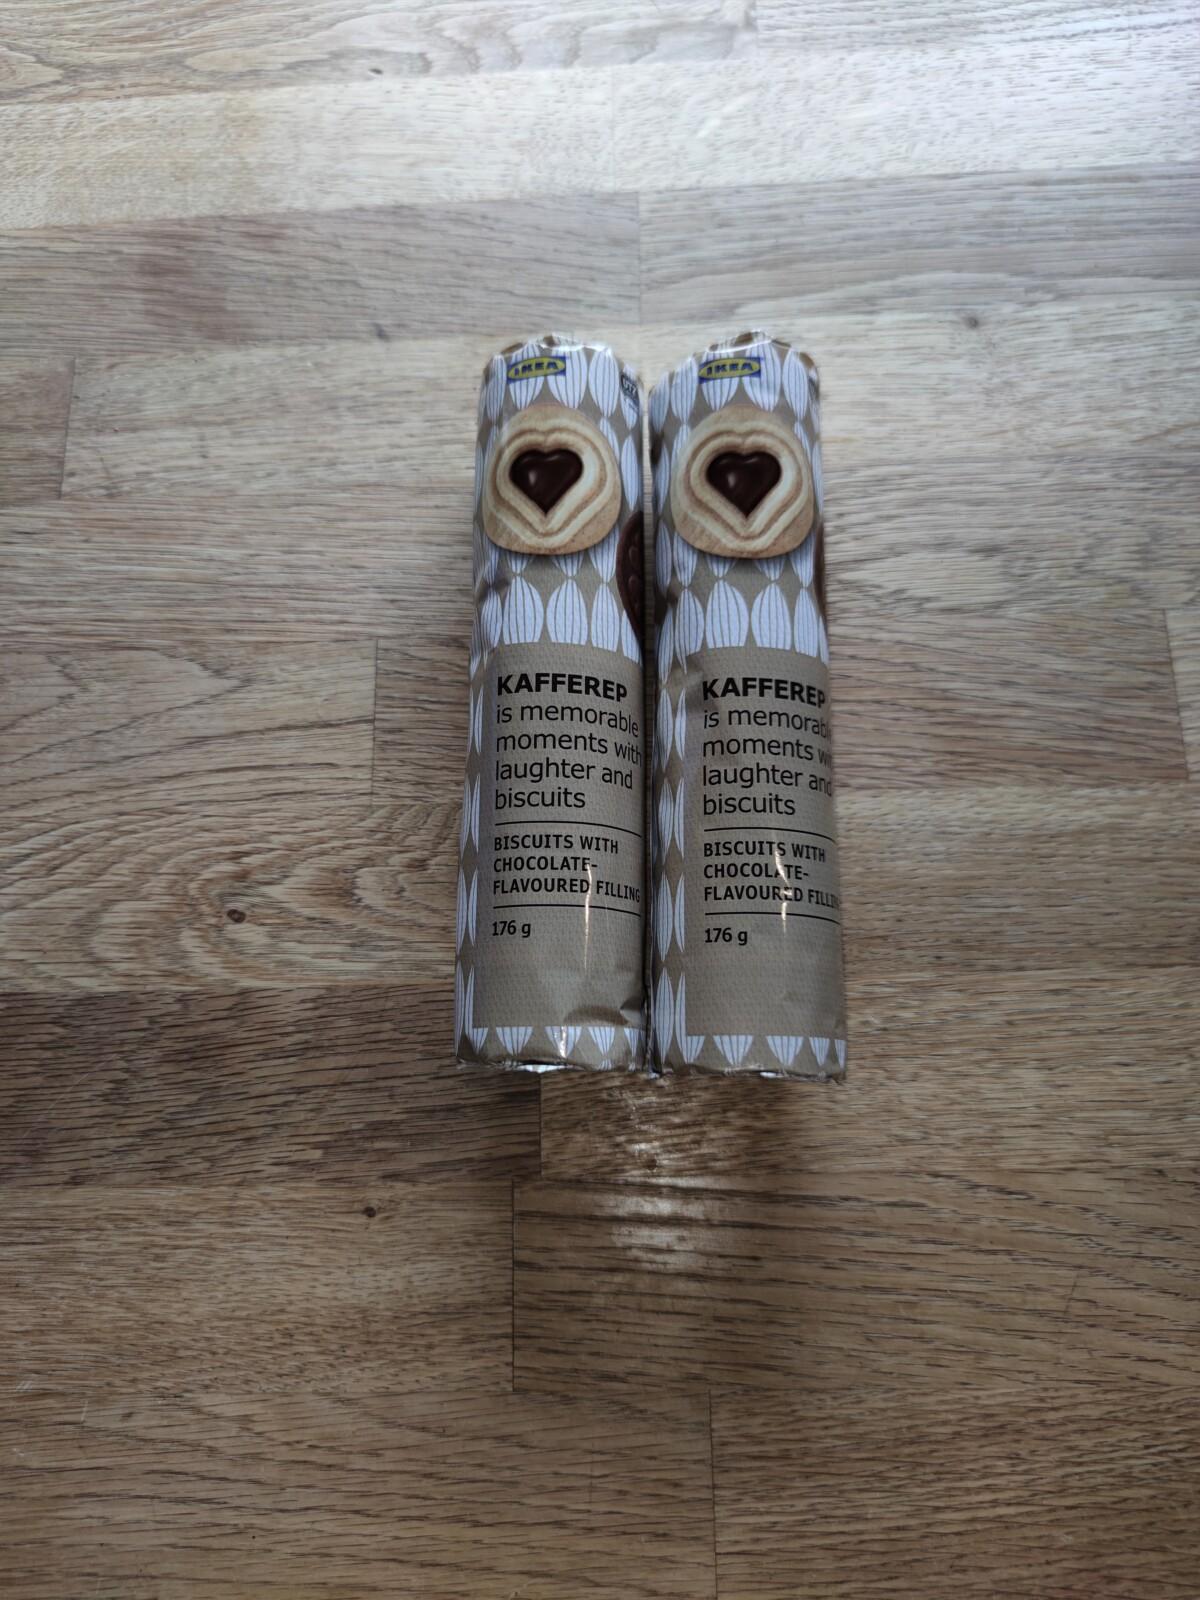 oslo-IKEA-asker-slependen-starbucks-jernbanetorget-chiapudding-outfit-antrekk-innkjøp-shopping-dekorasjon-møbler-oreomilkshake-oreo-milkshake-handel-islatte-hasselnøtt-kjøttboller-middag-isalicious-isalicious1